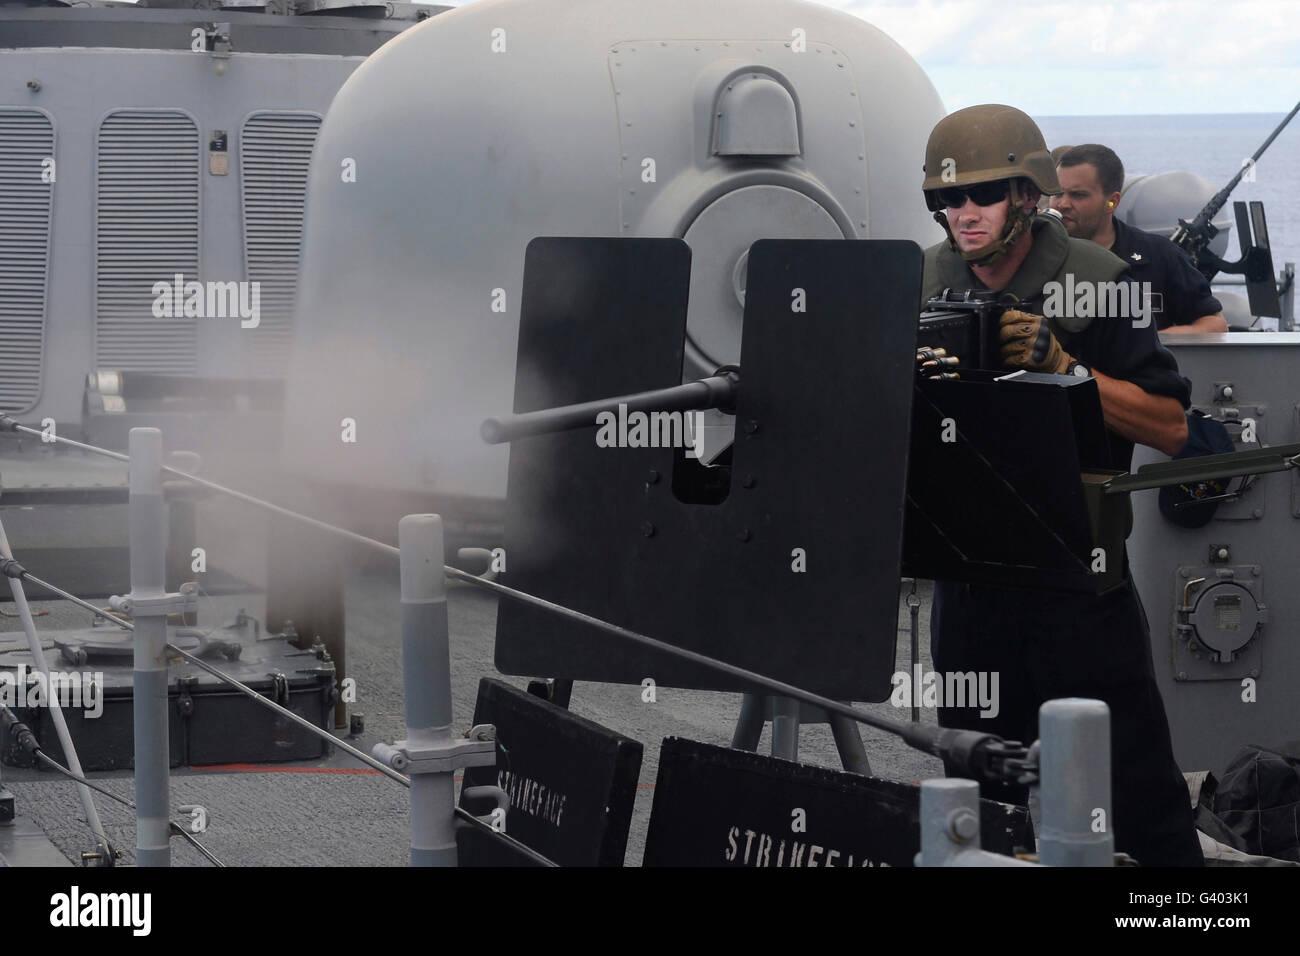 Onar Techniker feuert eine.50 Kaliber-Maschine Gewehr. Stockbild